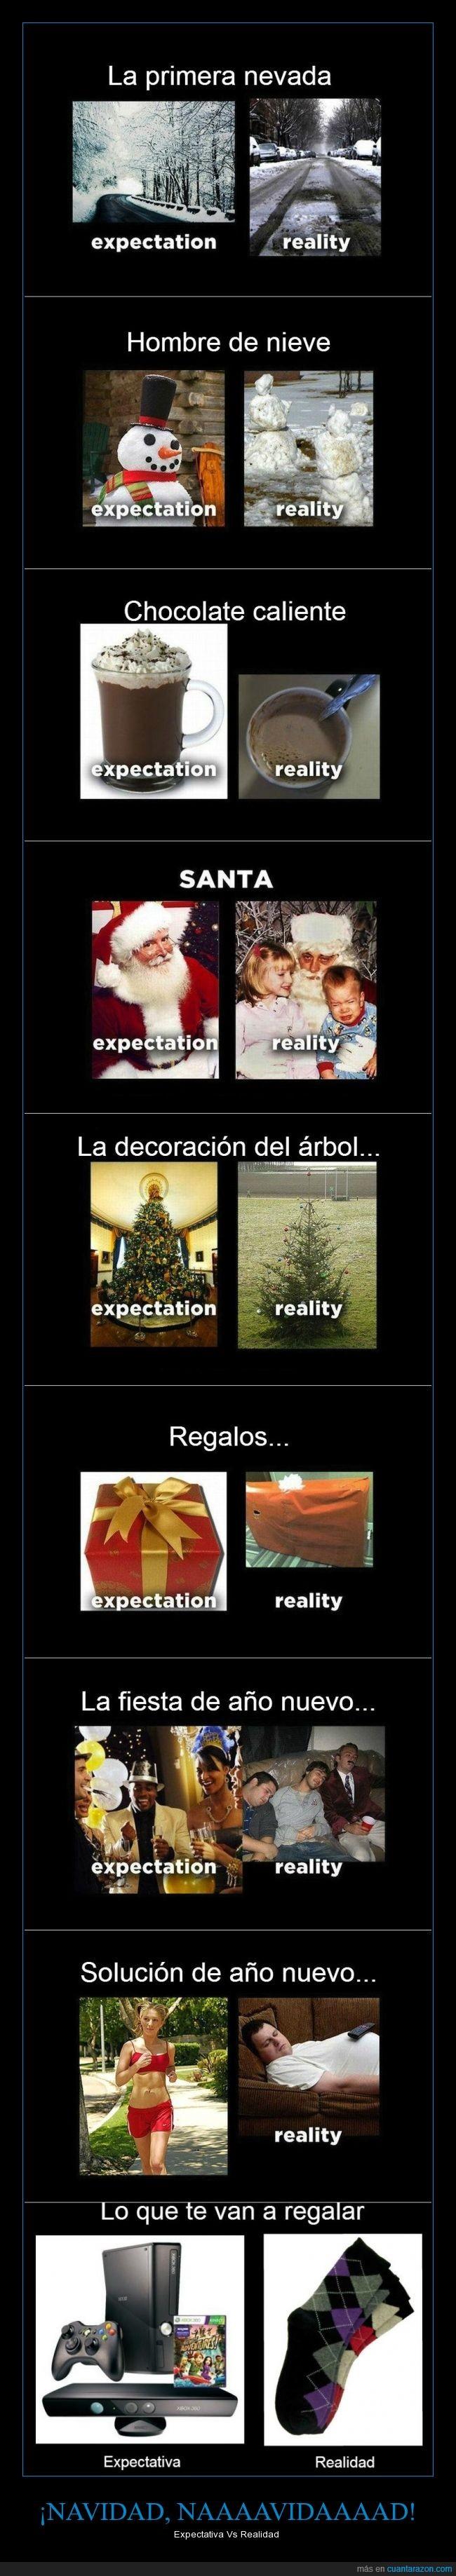 Año nuevo,Árbol de navidad,chocolate caliente,decoración,divertido,Expectativa,gracioso,La primera nevada,Muñeco de nieve,Navidad,Realidad,regalo,Santa Claus,sorpresa